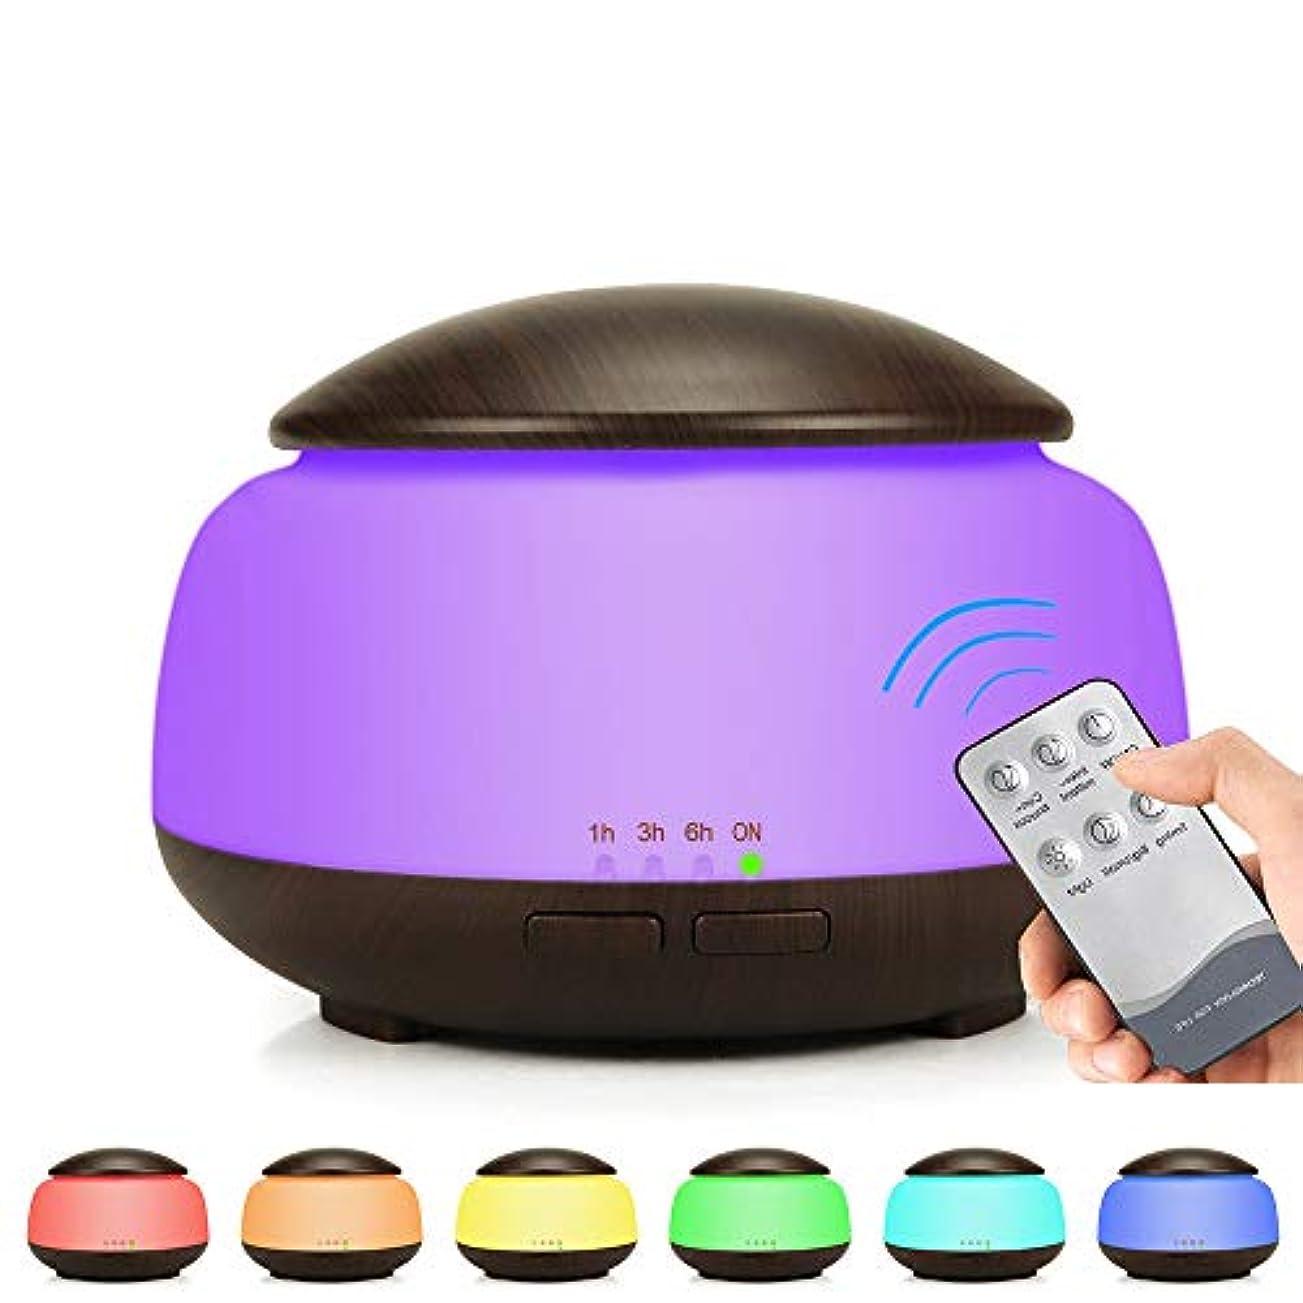 卑しいバインド音節エッセンシャルオイルディフューザーアロマディフューザー300 mlアロマ加湿器、7色LEDライト、ホームオフィス用ウォーターレス自動シャットオフ,UKplug